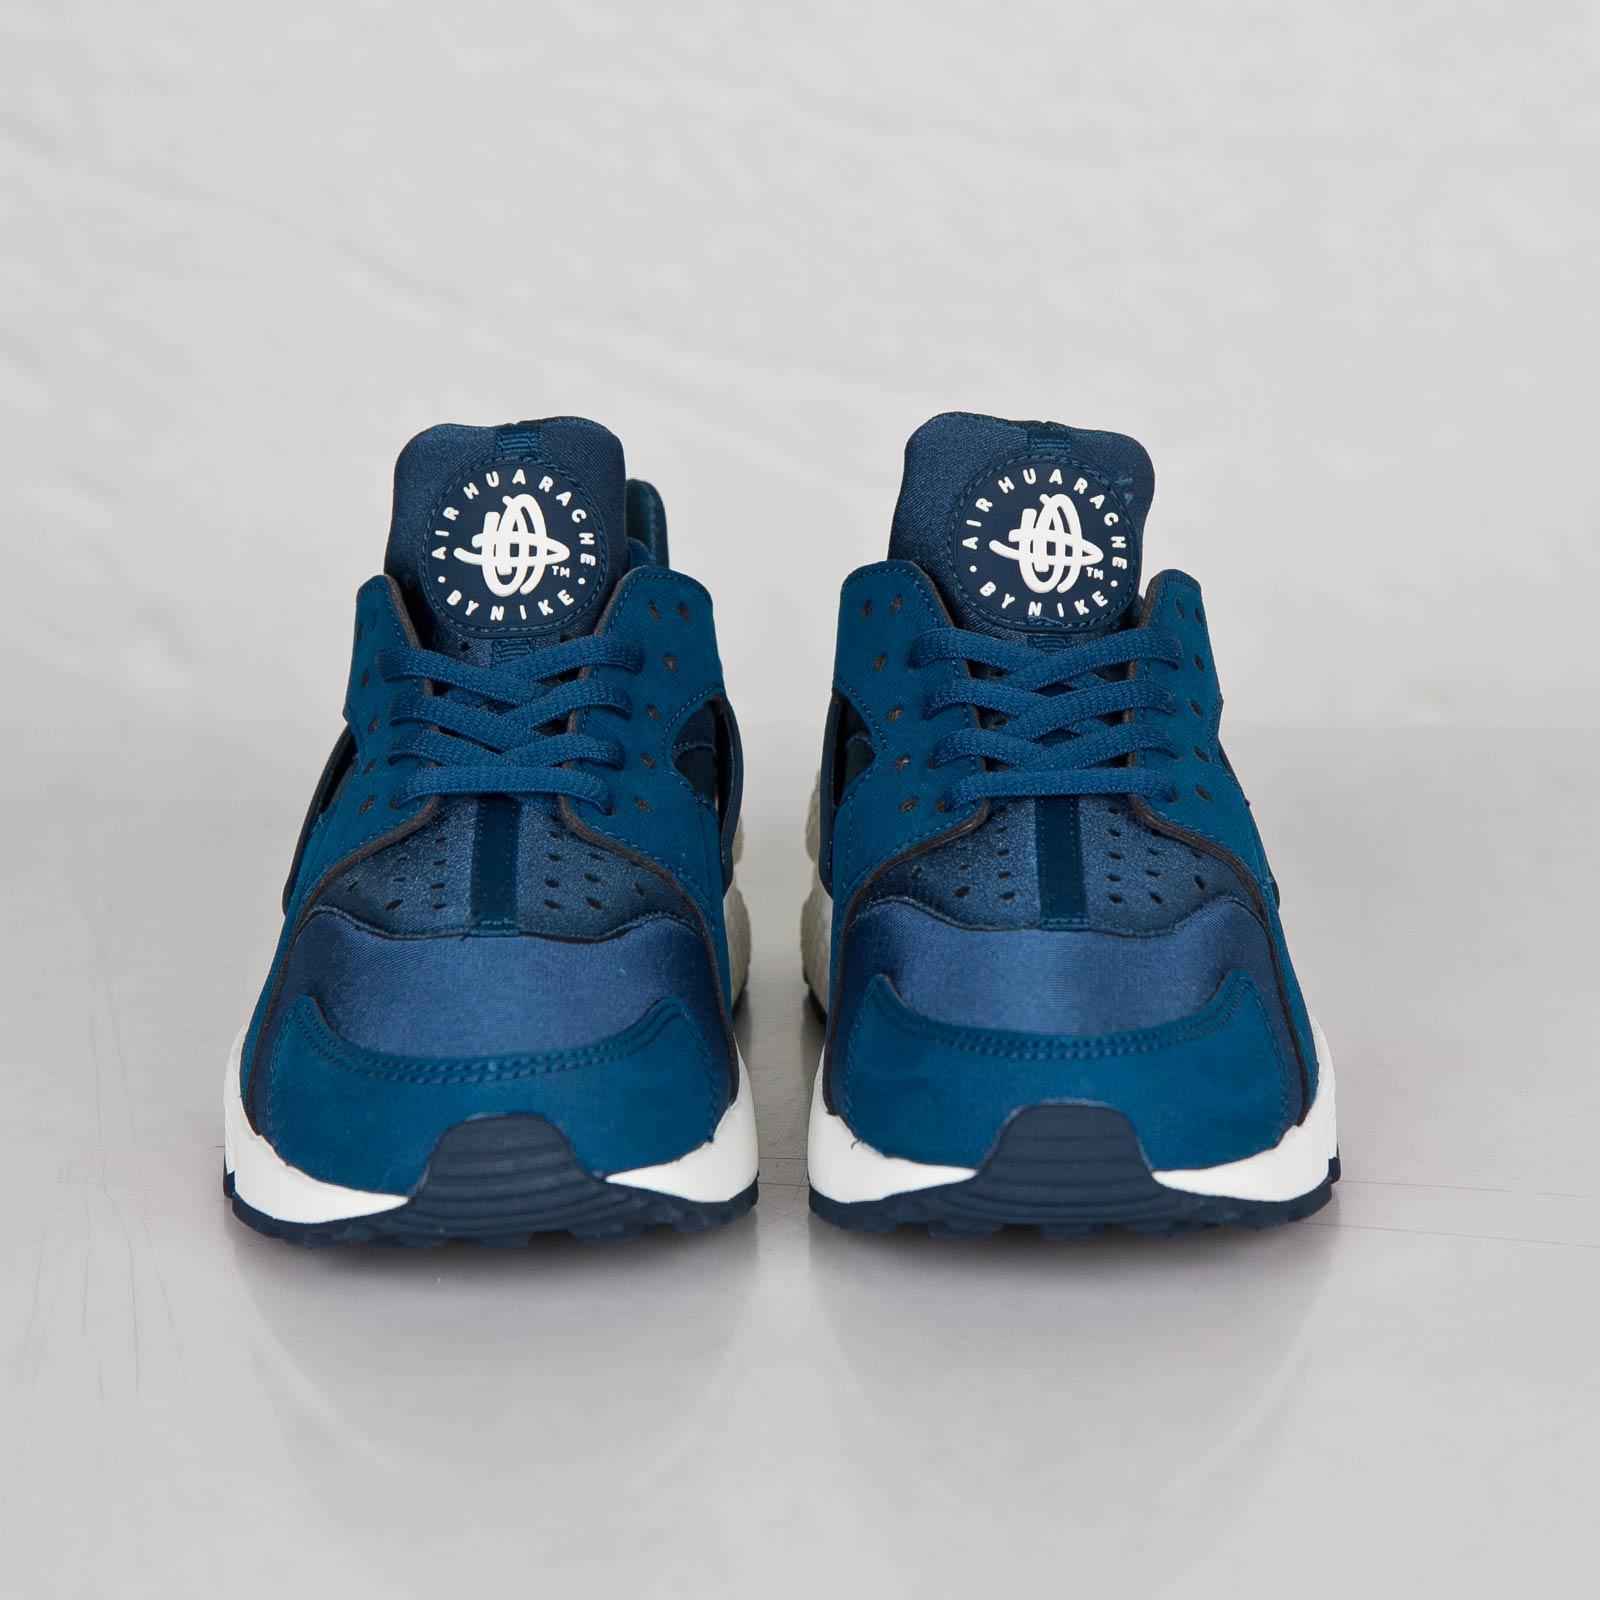 Nike Wmns Air Huarache Run - 634835-400 - SNS   sneakers ...